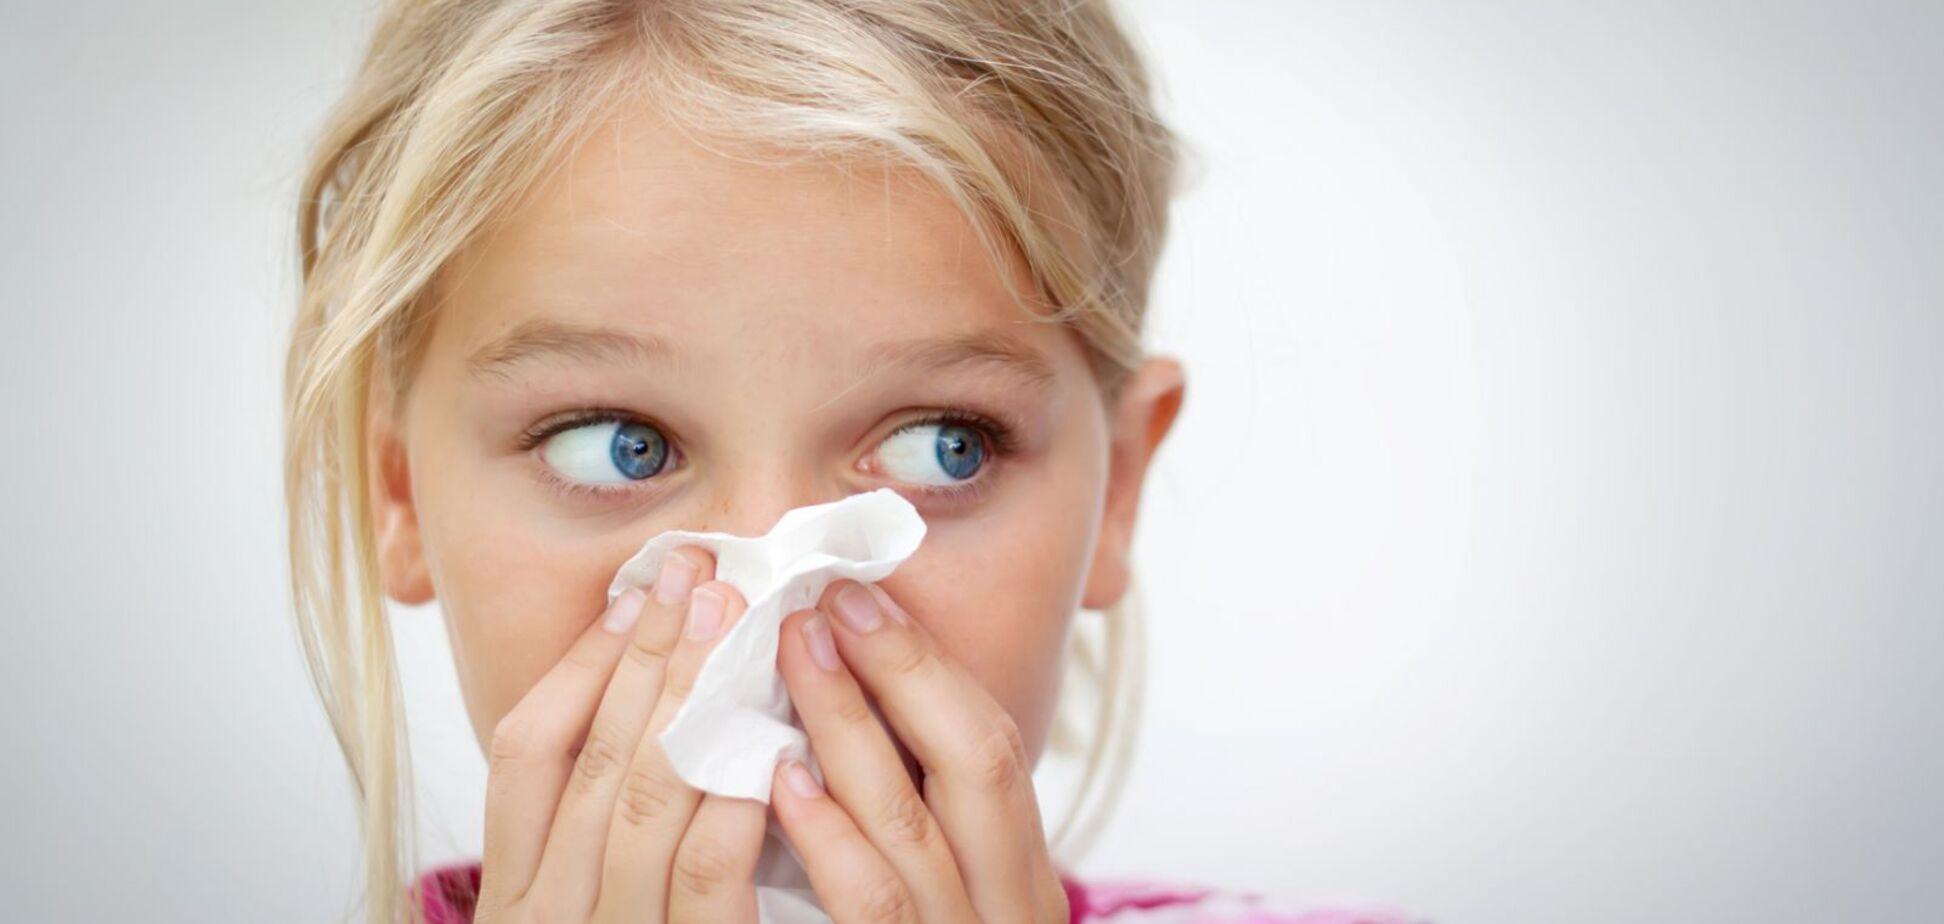 Как избежать аллергии: золотые советы аллергикам